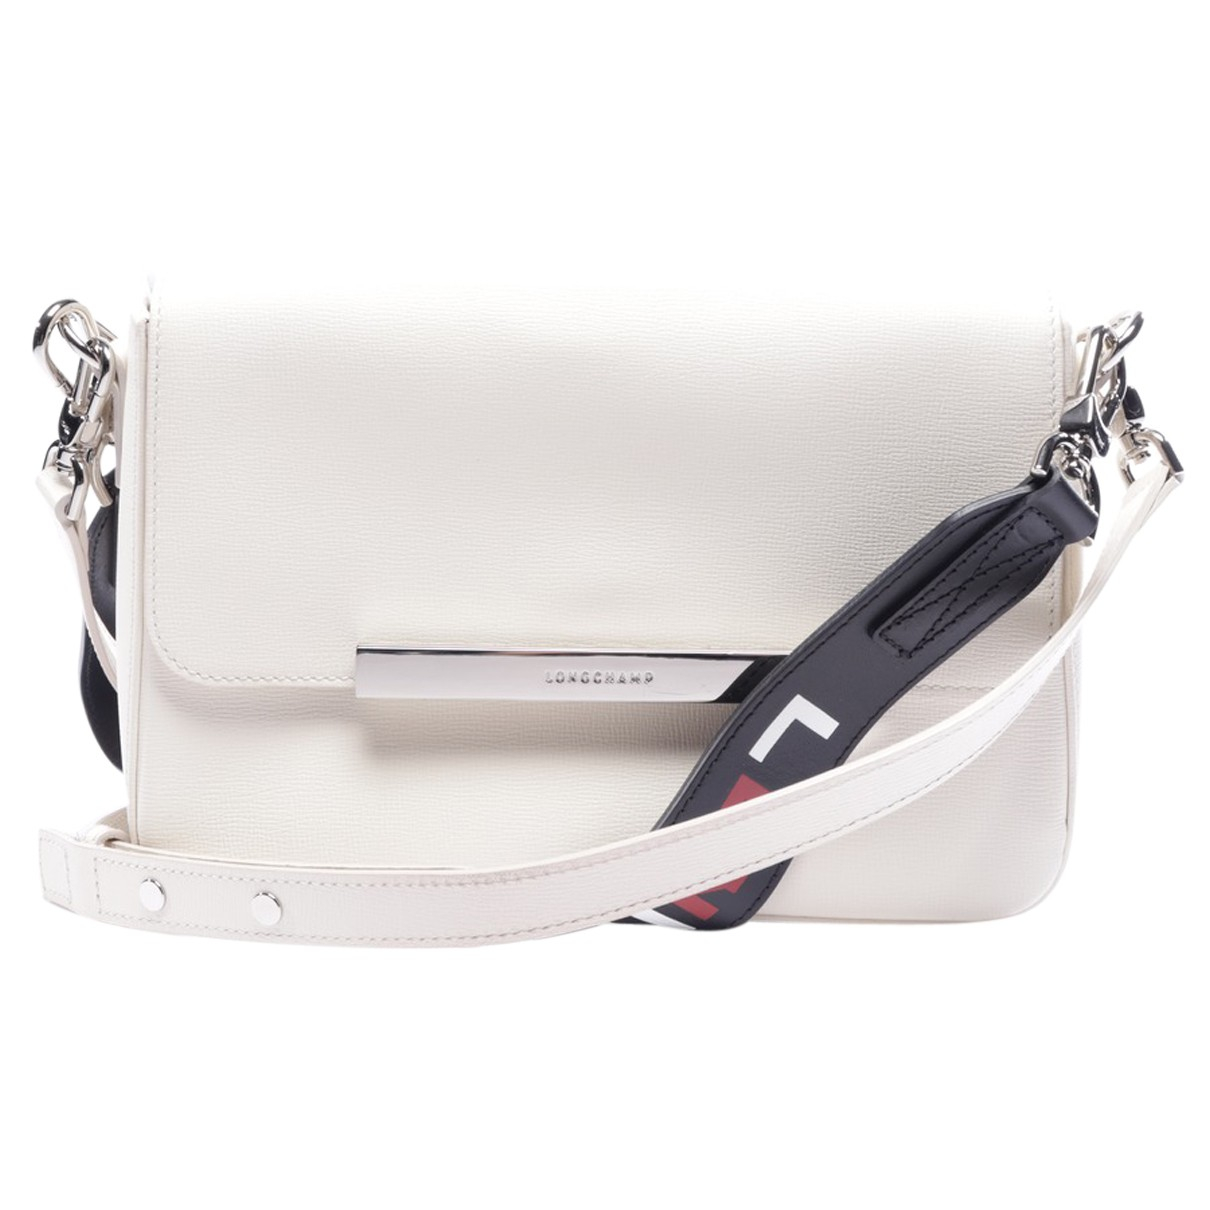 Longchamp N White Leather handbag for Women N